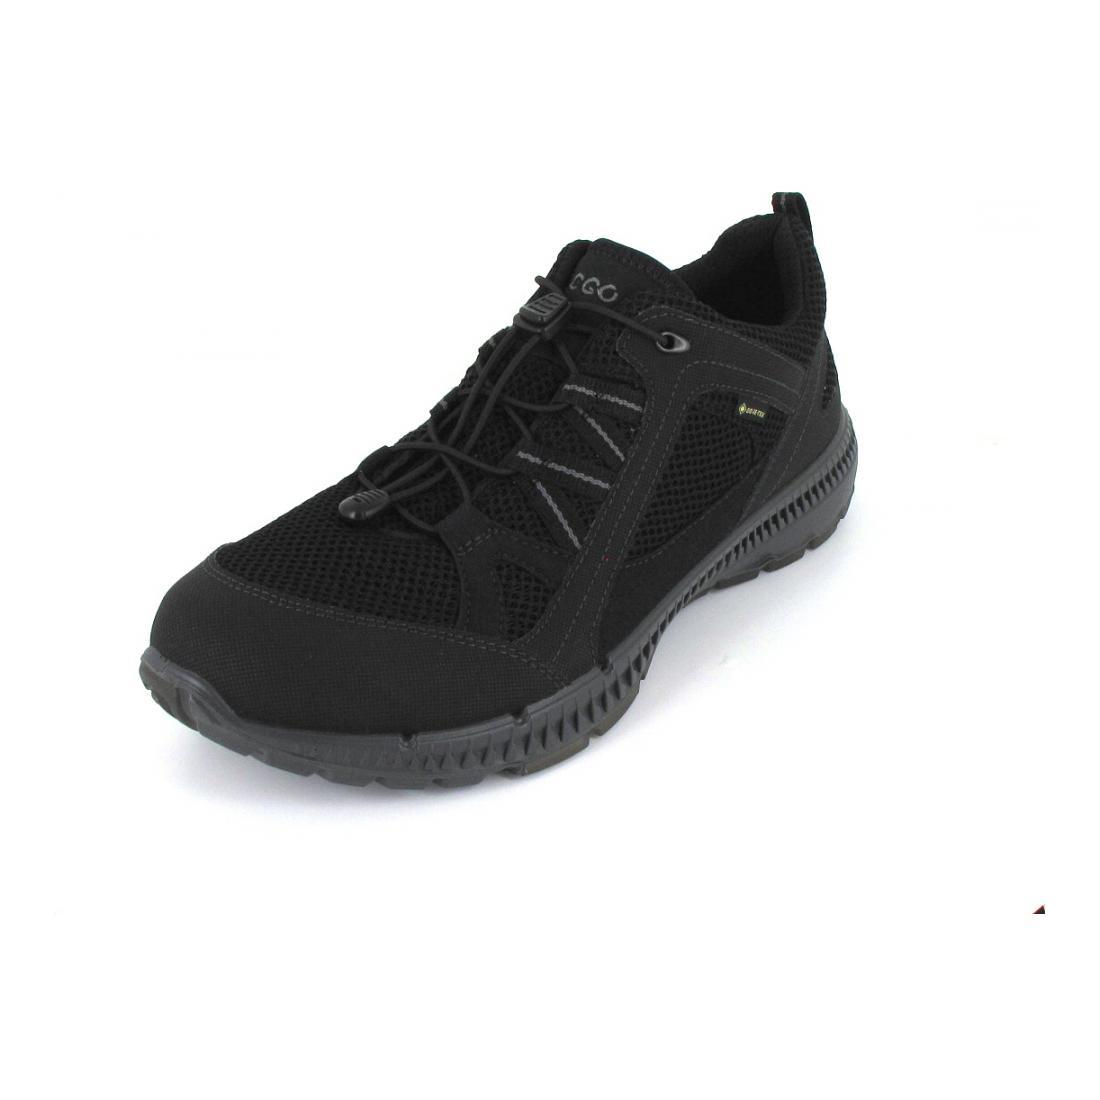 Ecco Sneaker Terracruise II M